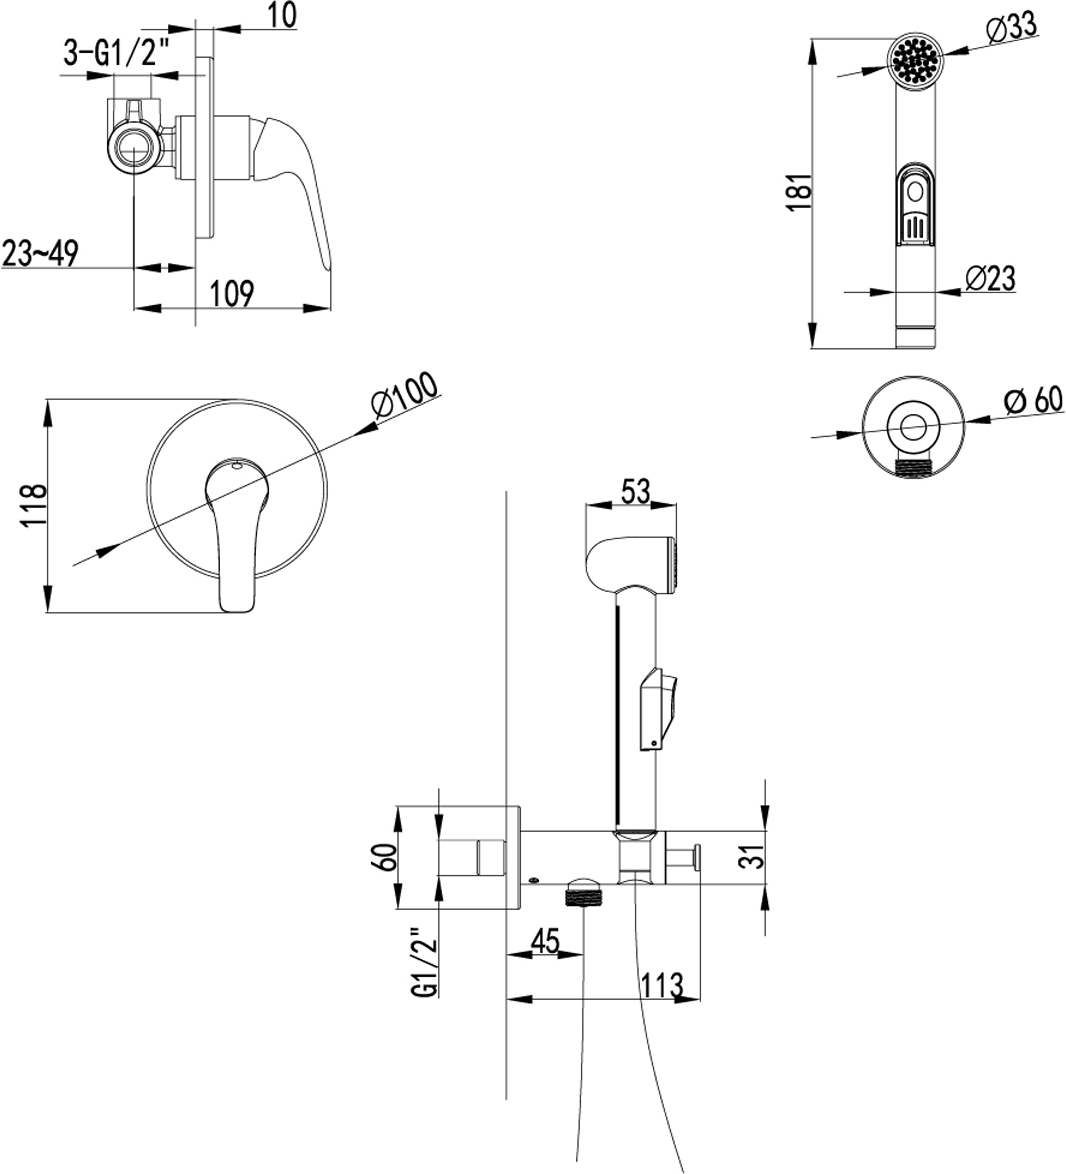 Серия PLUS ADVANCE.Комплектация:Керамический картридж 25 ммПодключение для шланга с креплением для лейкиАксессуары в комплекте: лейка для биде с нажимным механизмом, шланг 1,5 мМеталлическая рукоятка